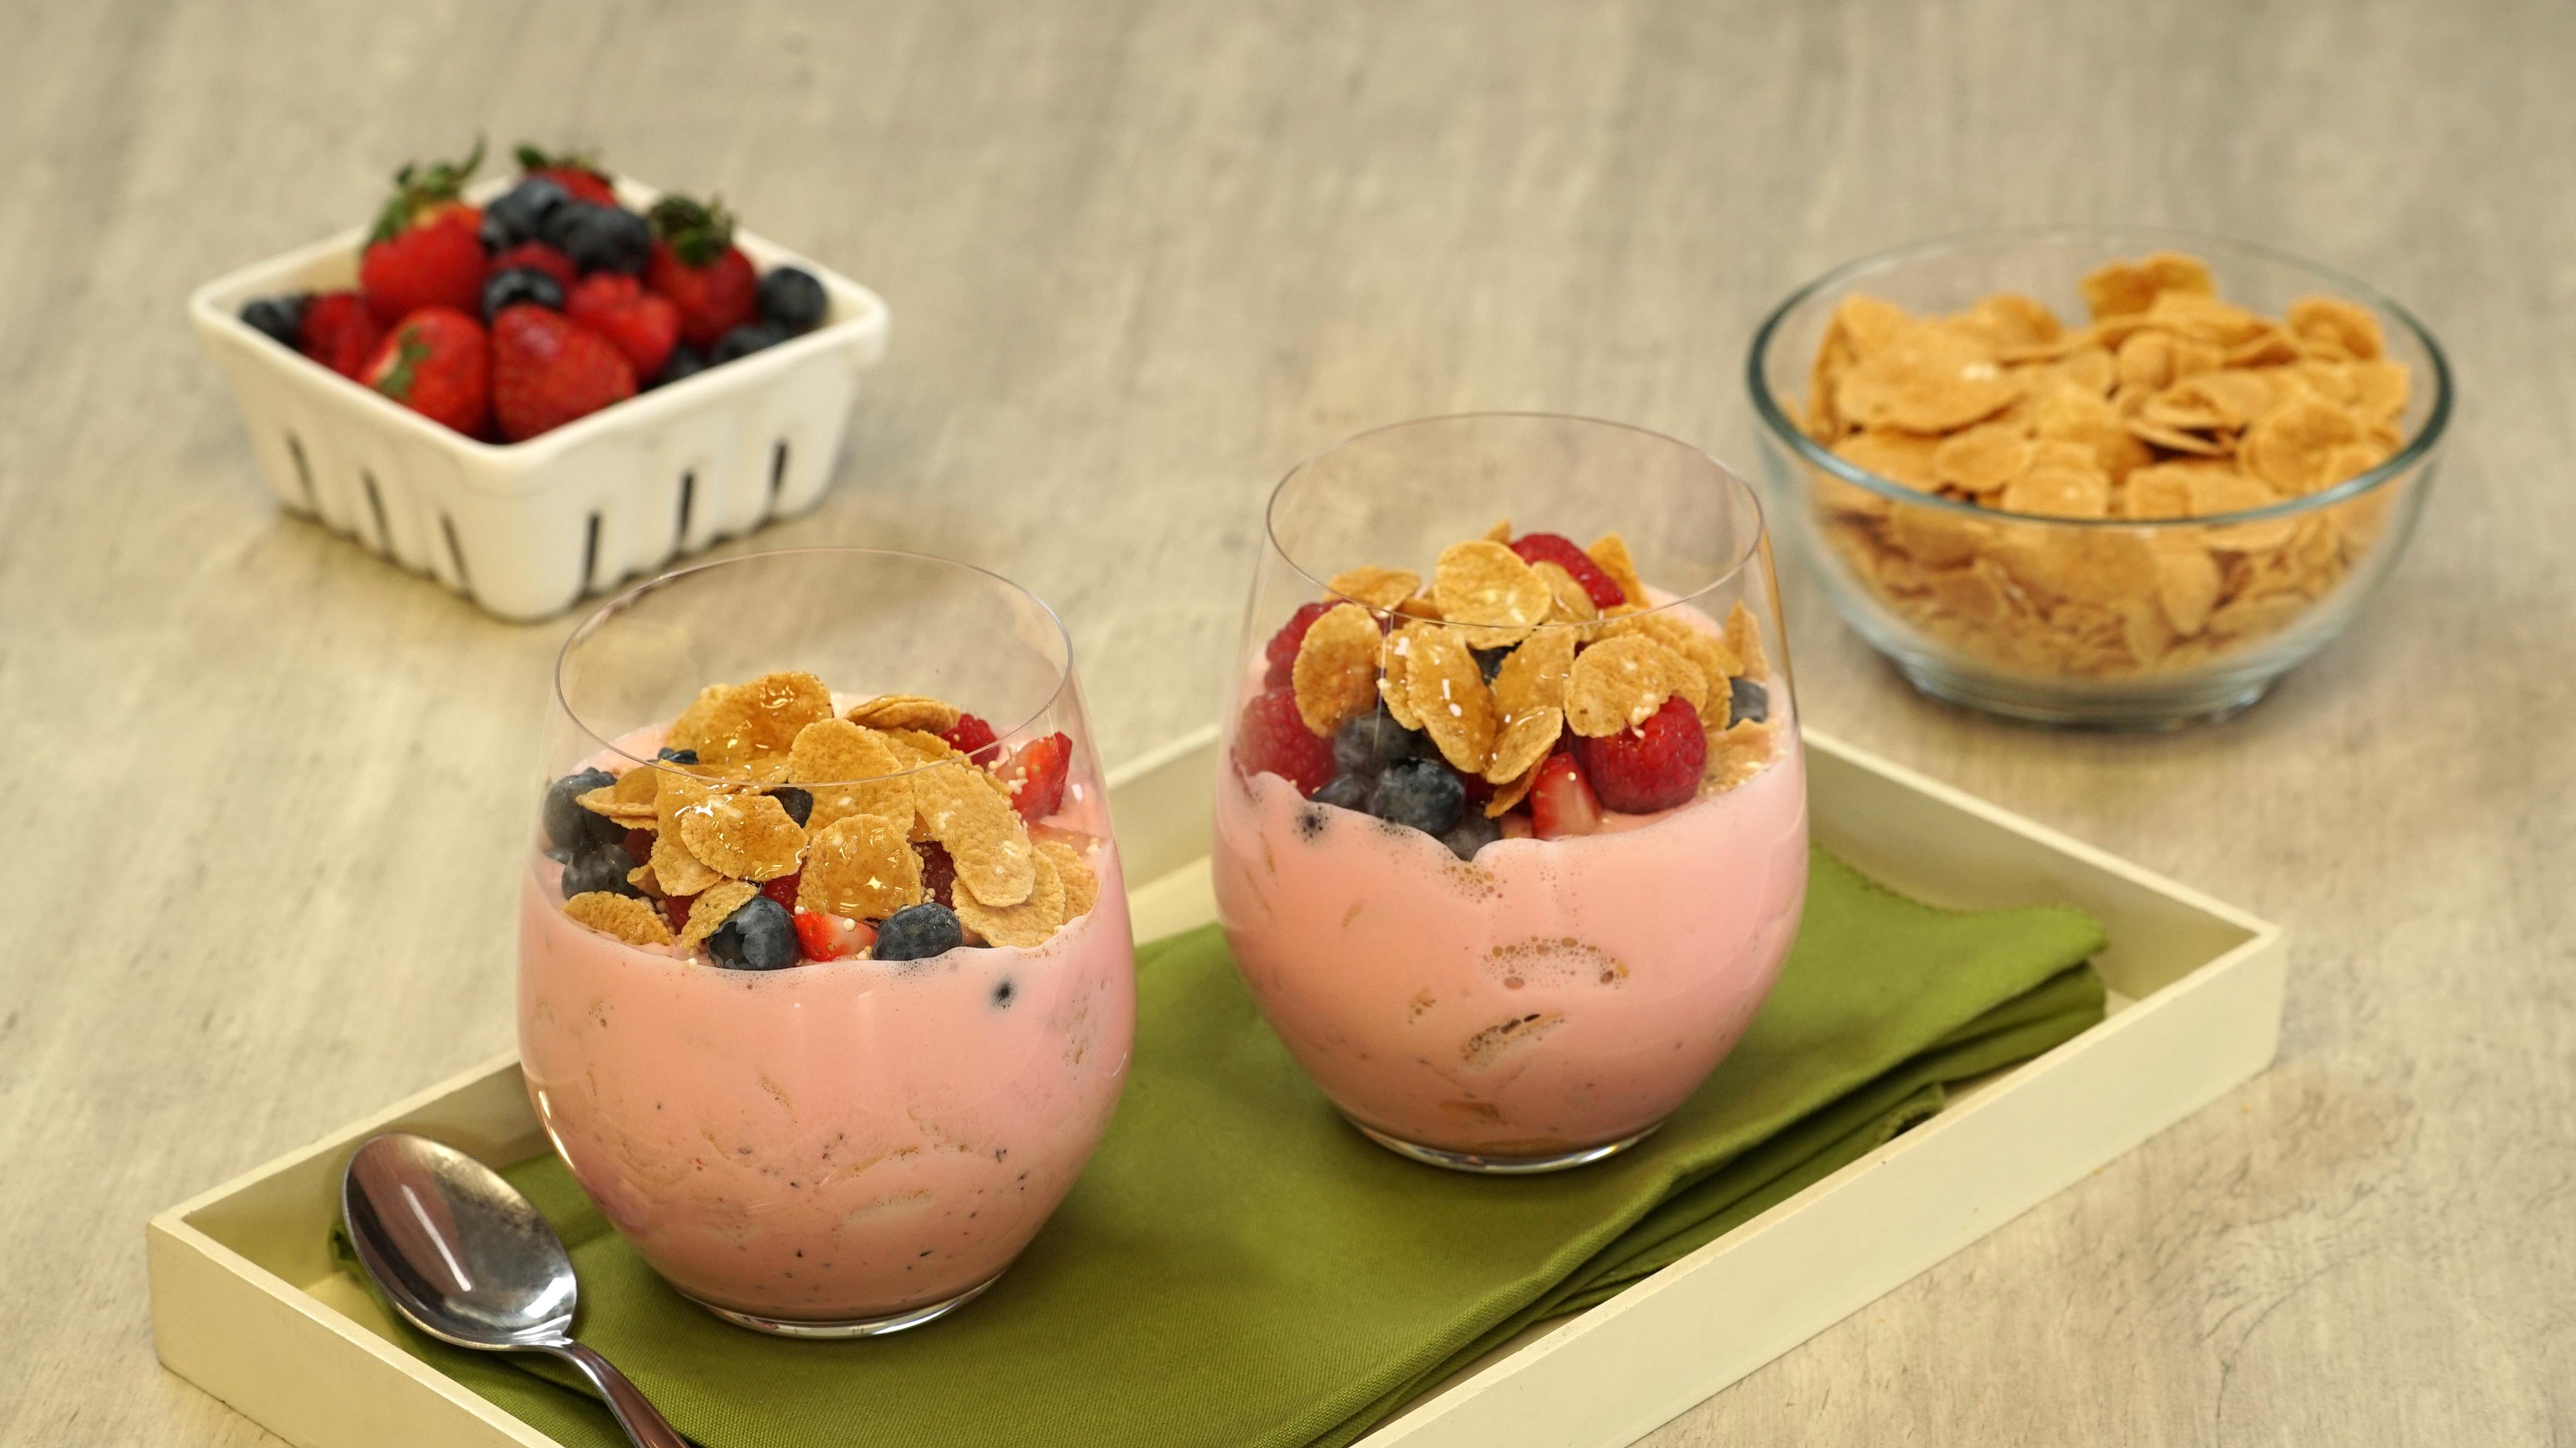 Cremoso de cereal y frutos rojo